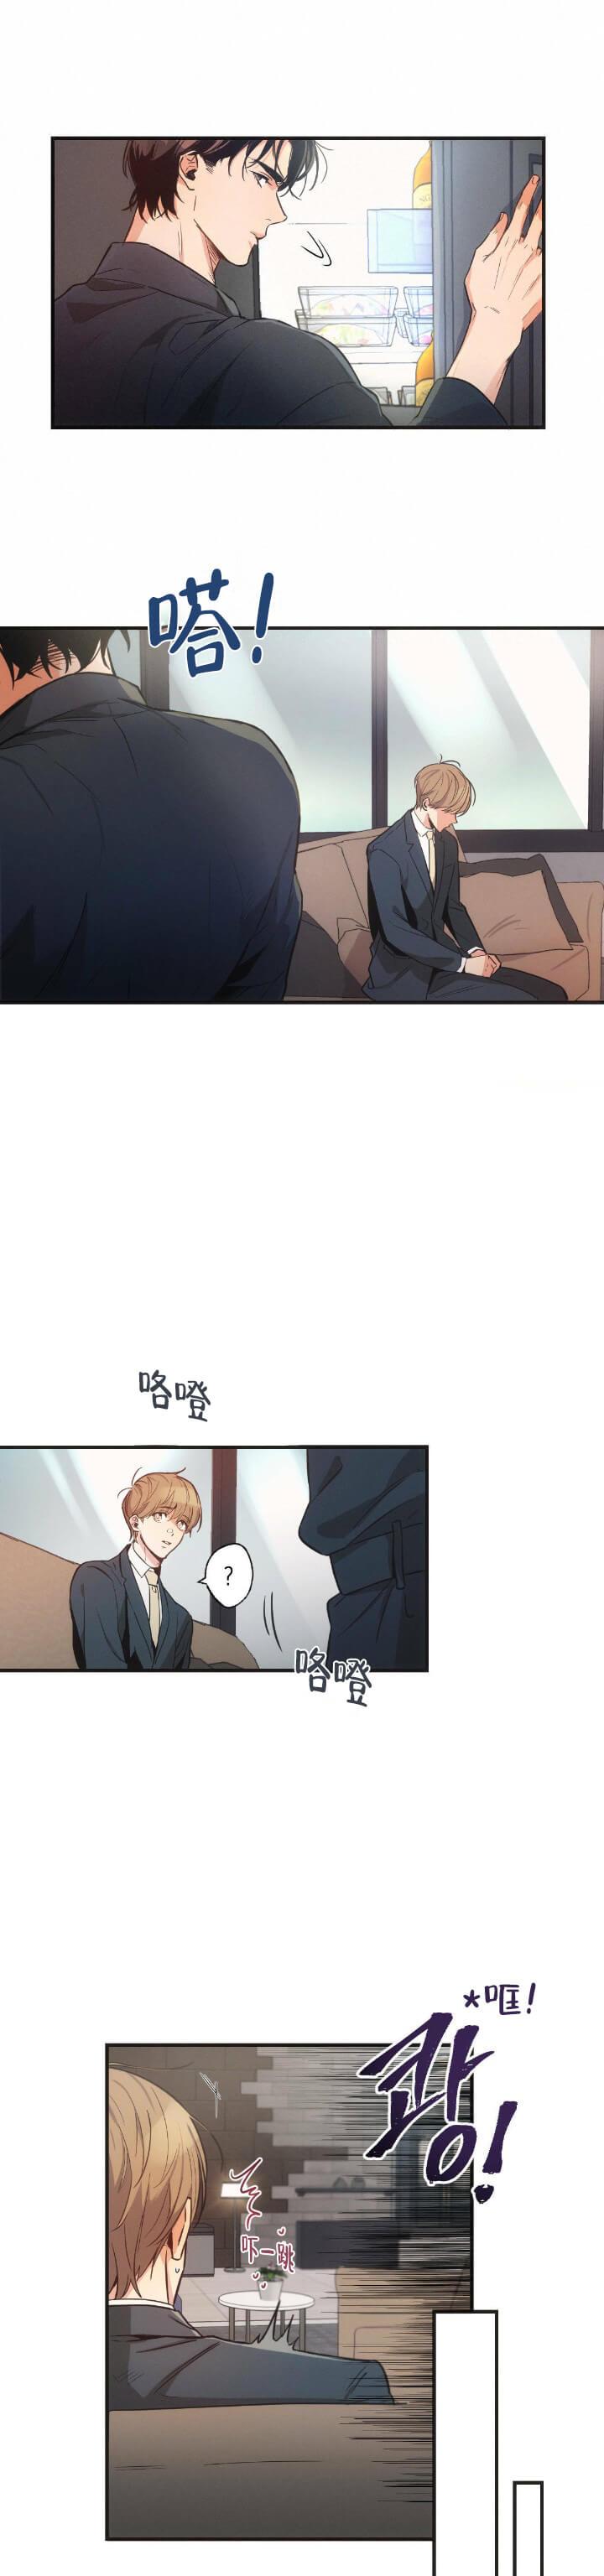 韩漫 |《别用有心的恋爱史》浴室play,全程不打M!  第6张